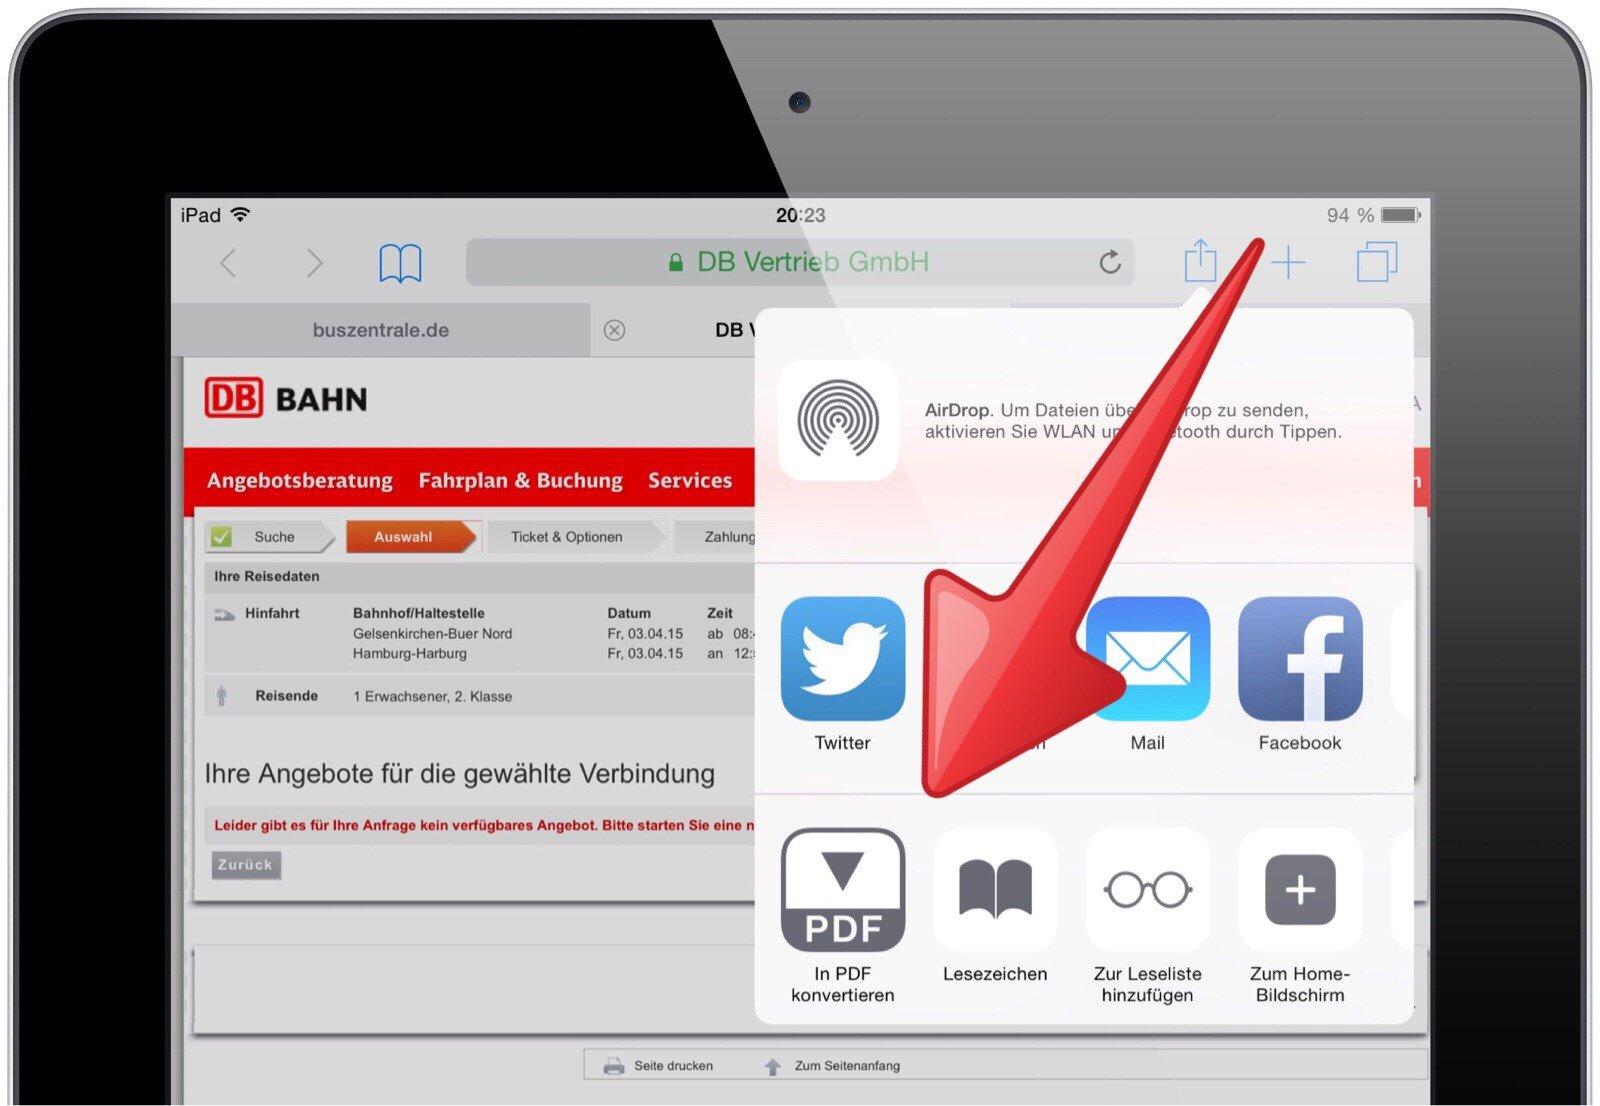 iPad-kontextabhängig-situationsabhängig-Aktion-Symbol-Menü-Twitter-Facebook-drucken-Nachrichten-Mail-Lesezeichen-2.jpg